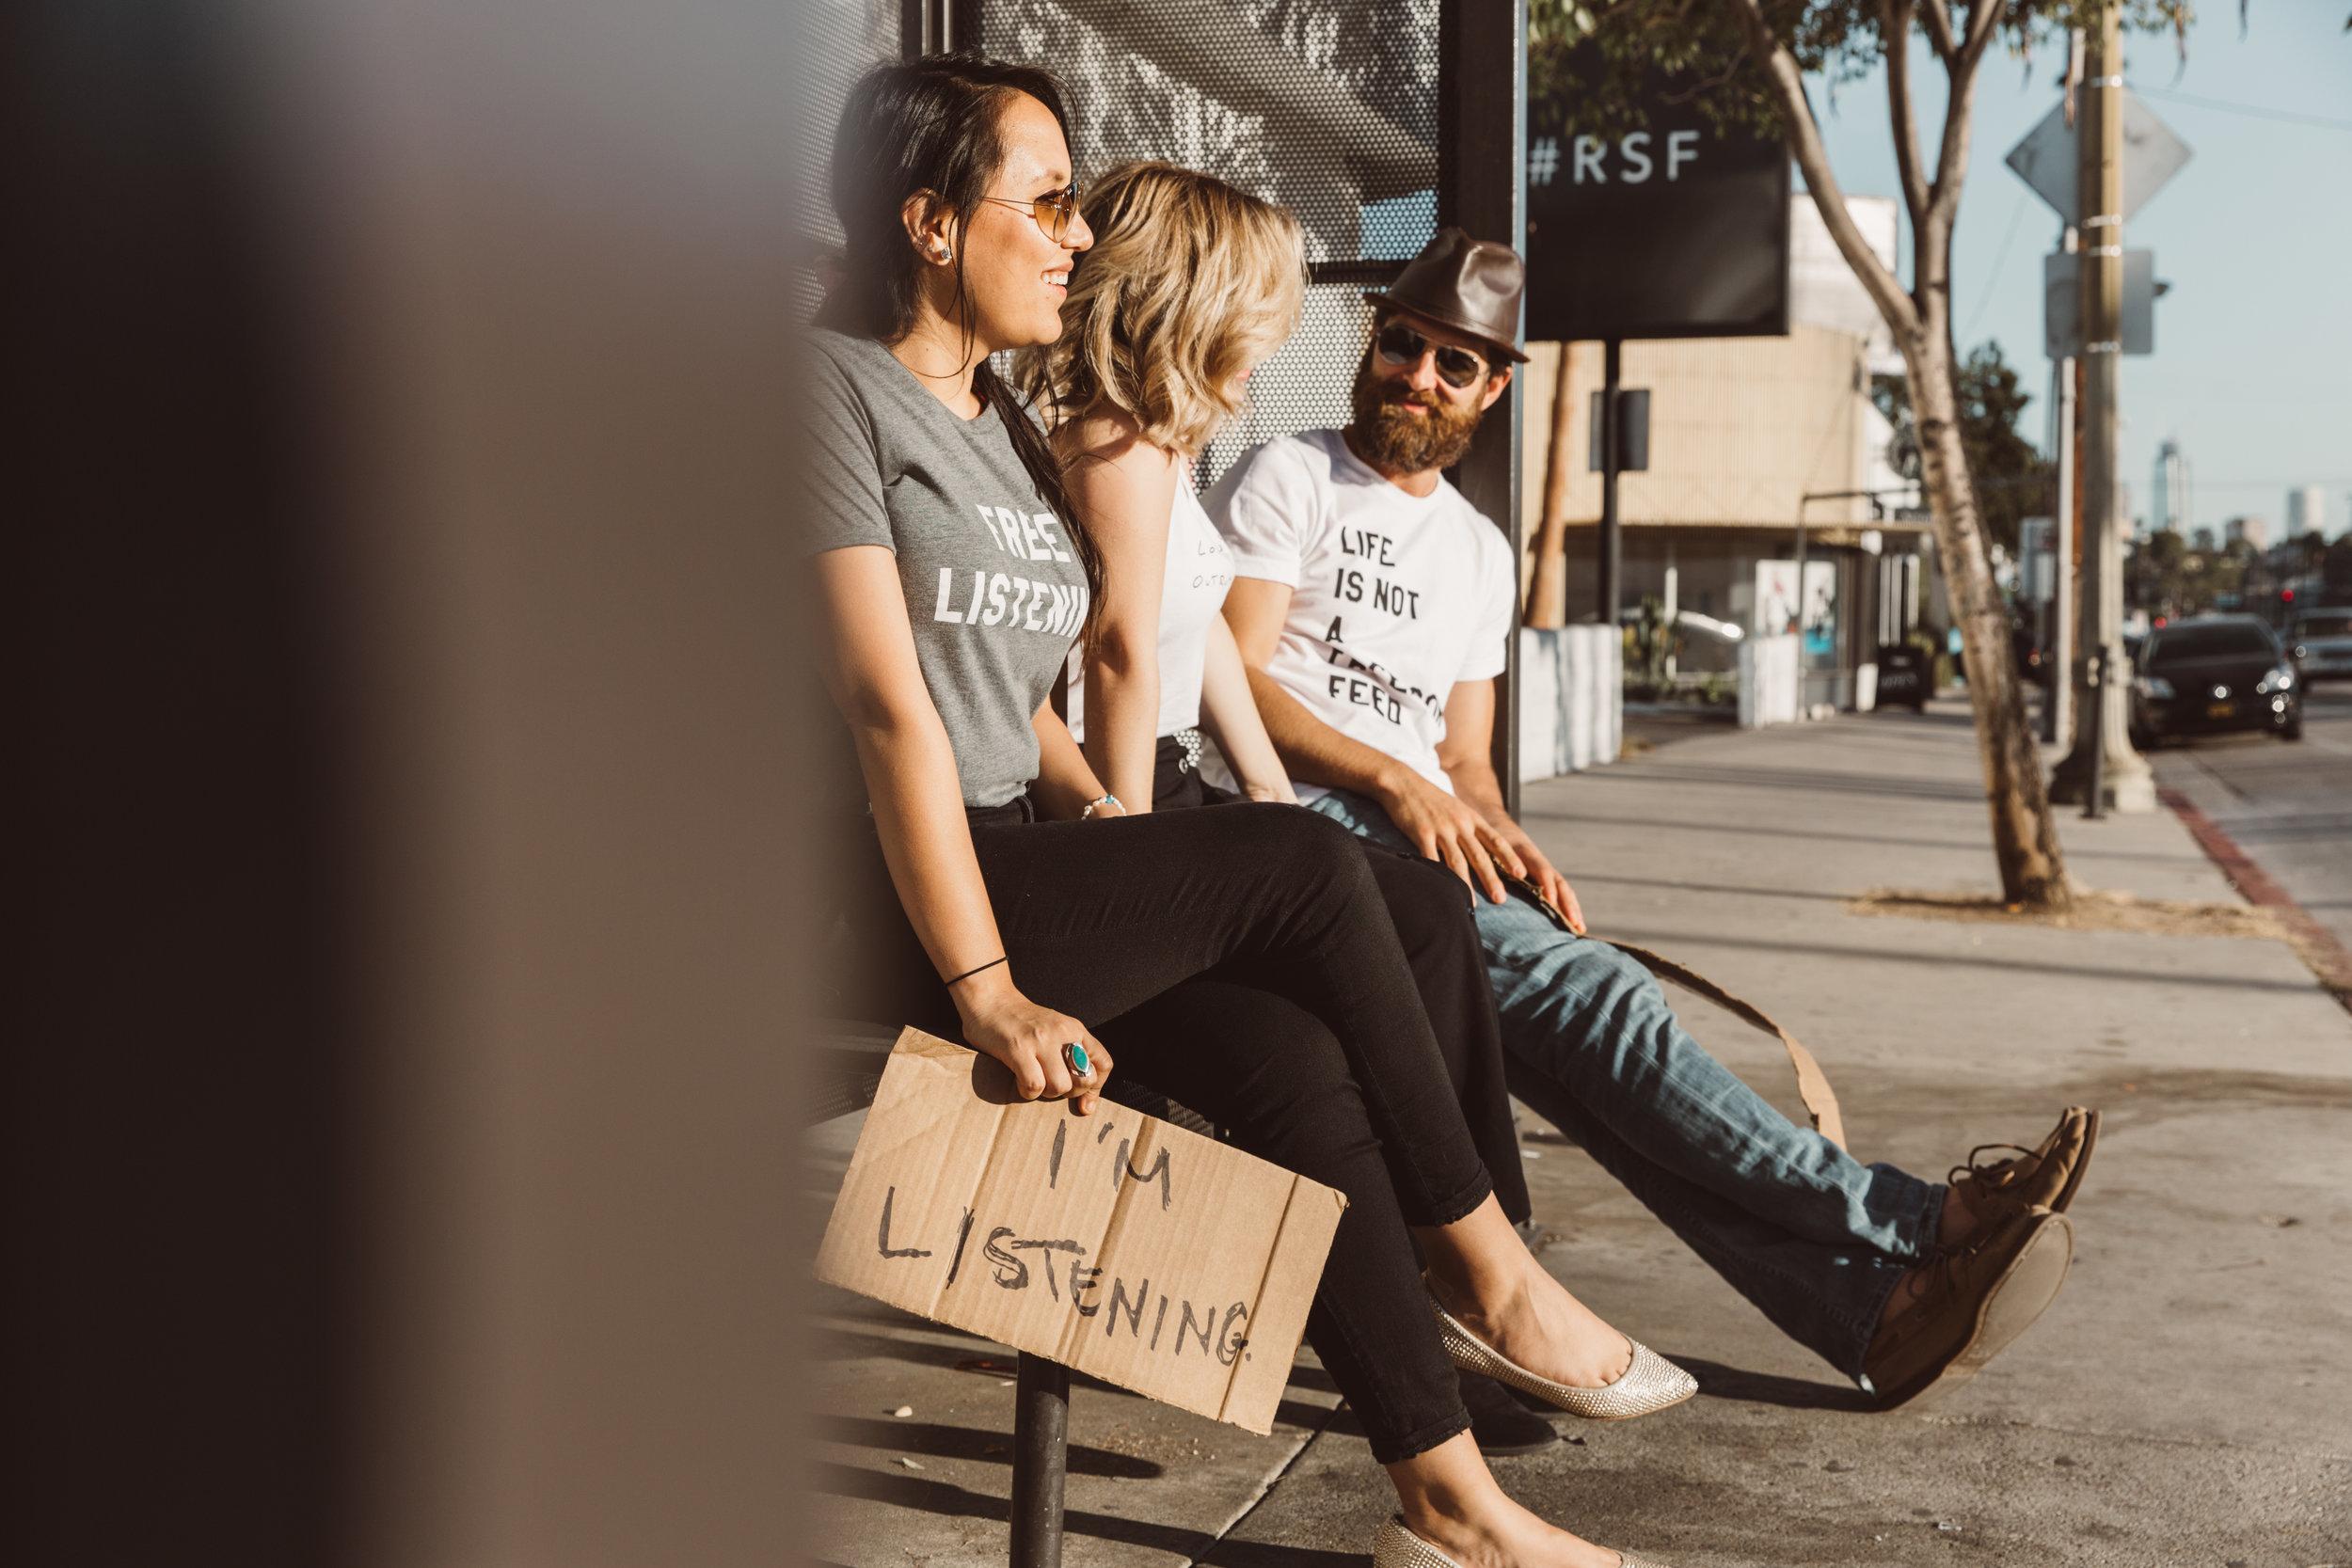 urbanconfessional-listen-nonprofit-aliciachandler-26.jpg